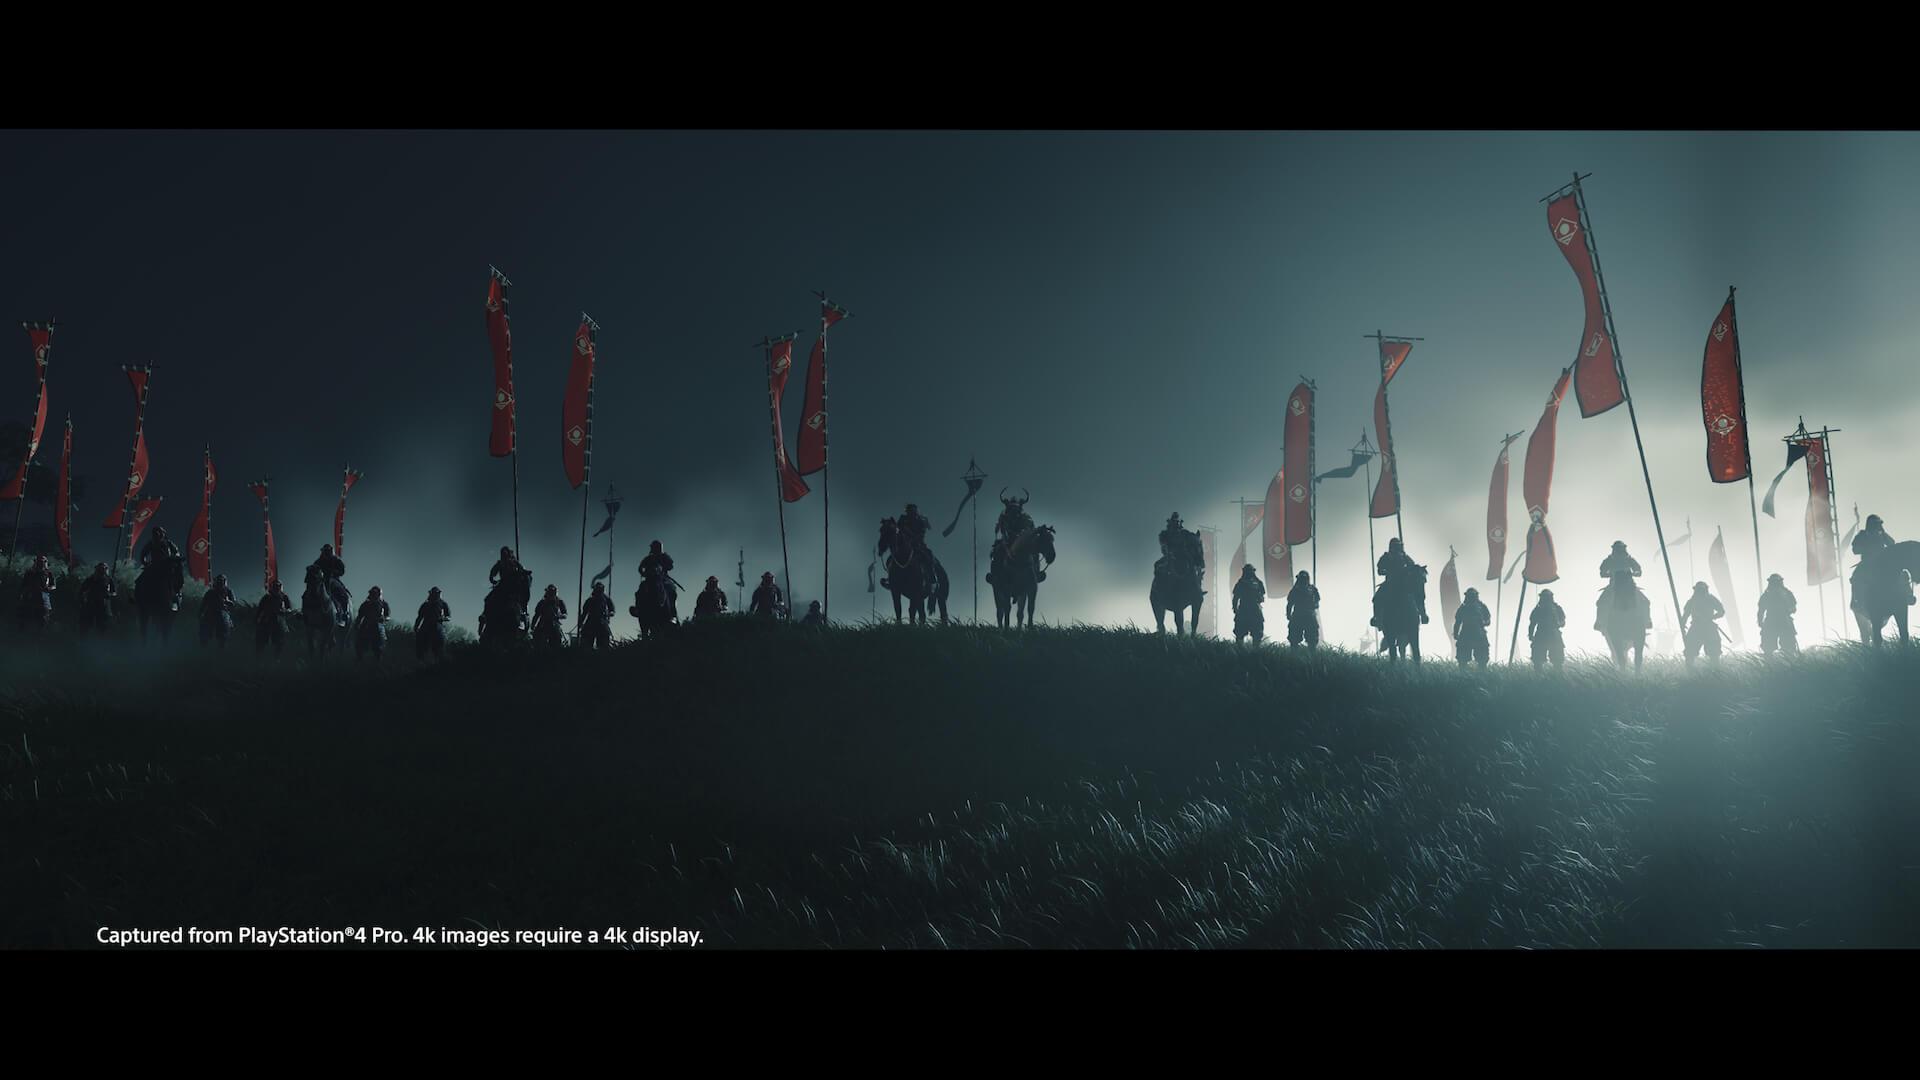 新感覚のオープンワールド時代劇を体感せよ!PS4専用ソフト『Ghost of Tsushima』がついに本日発売 tech200717_ghostoftsushima_9